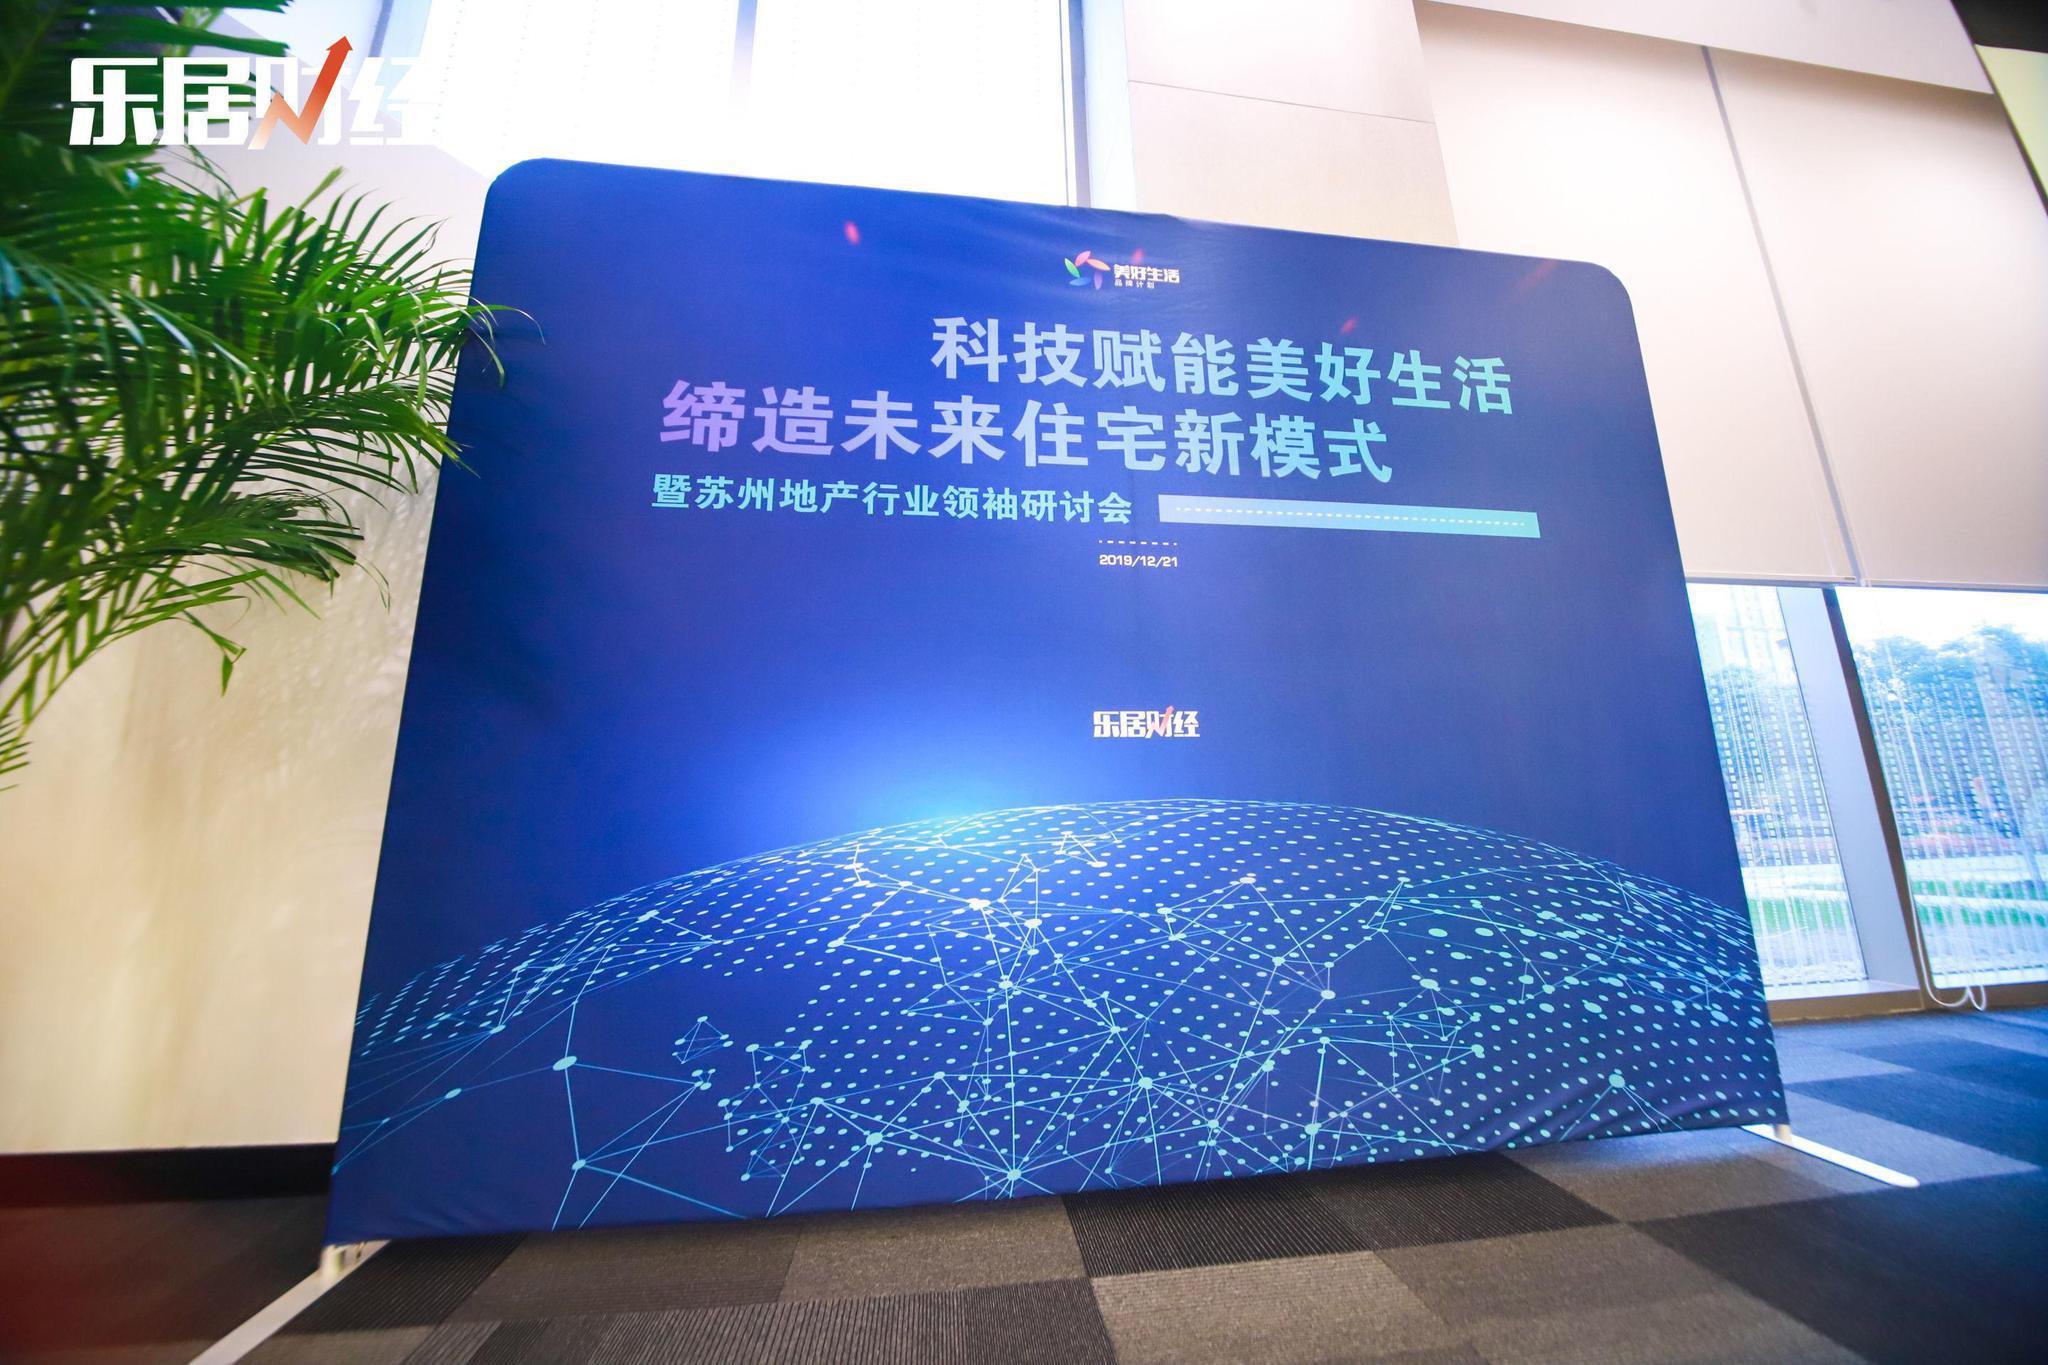 科技赋能美好生活苏州地产行业领袖研讨会圆满举行